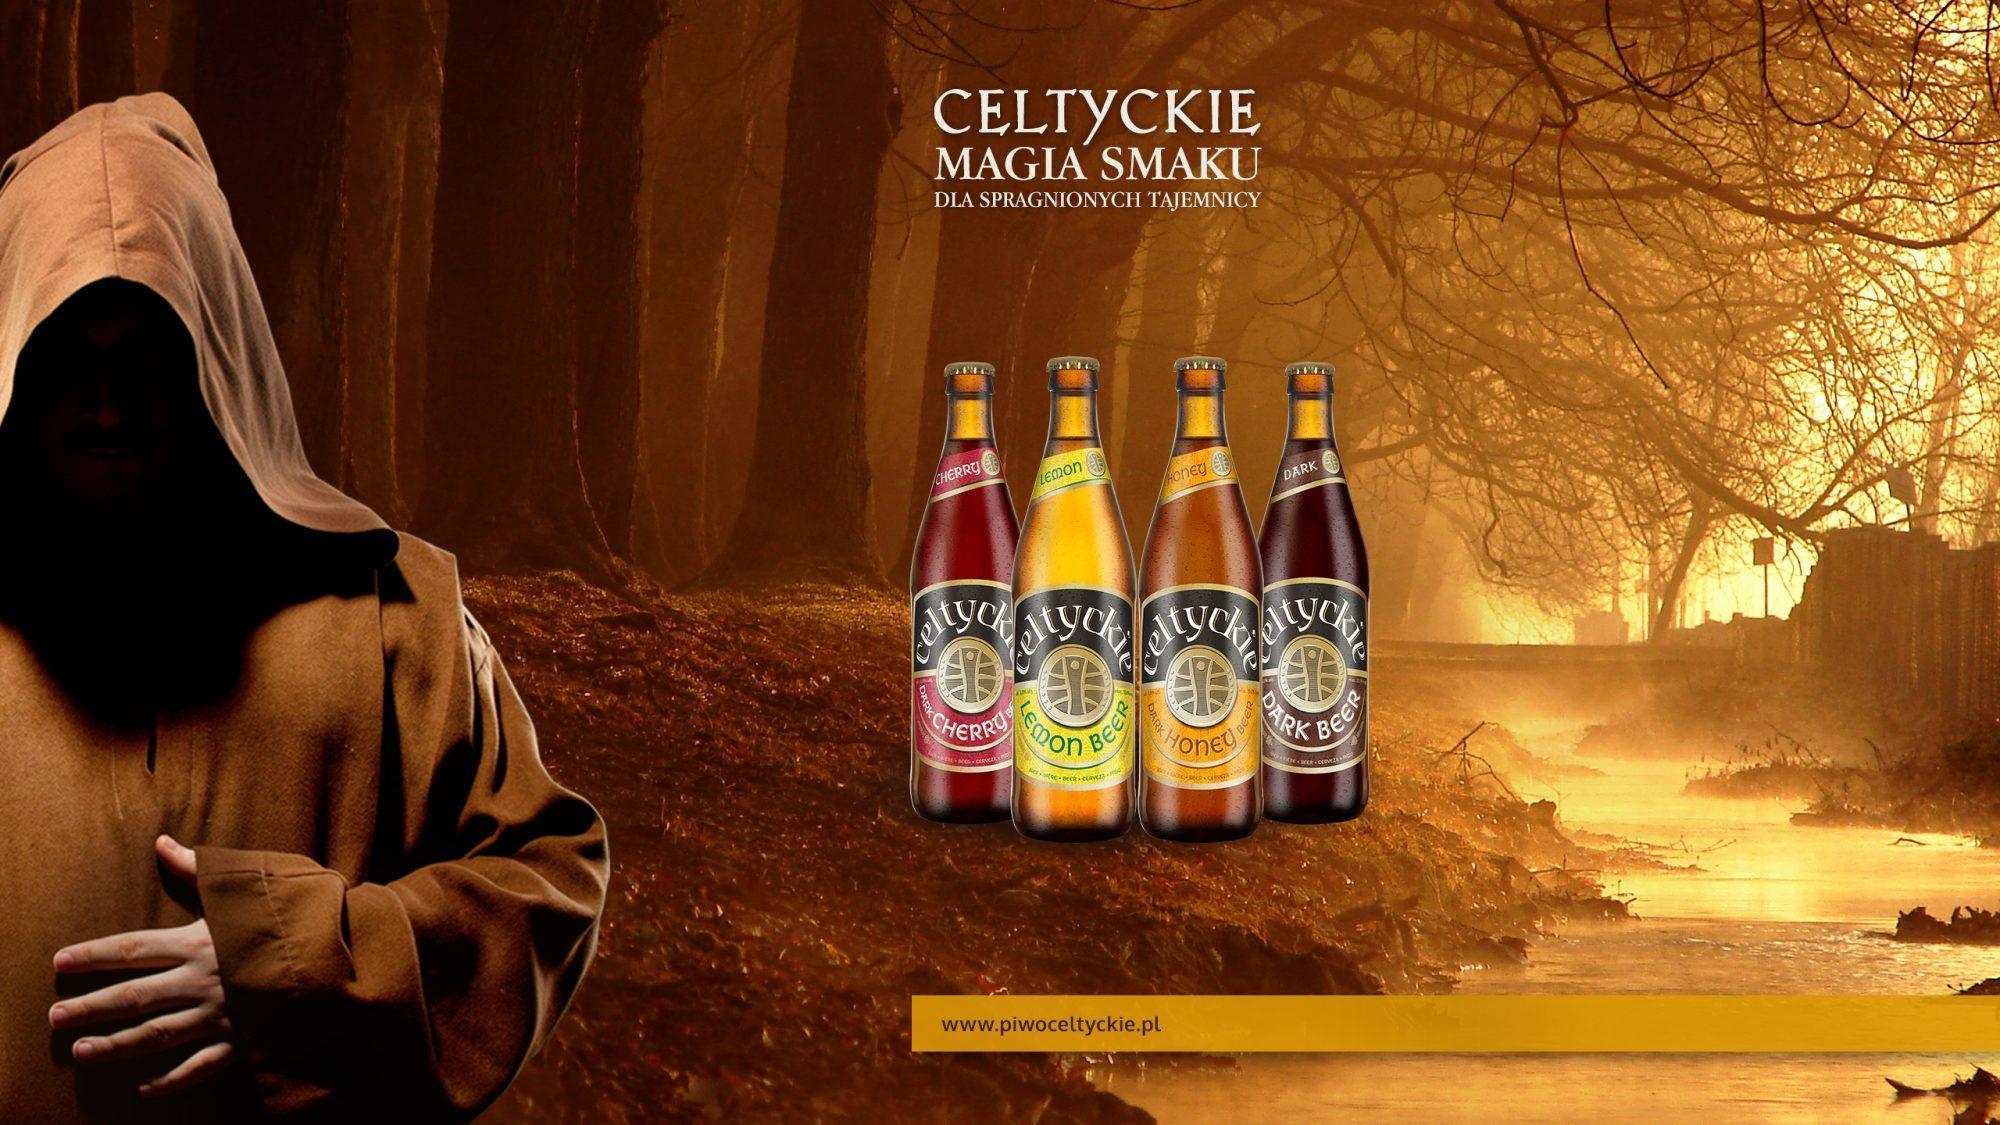 Piwo Celtyckie - tapeta2